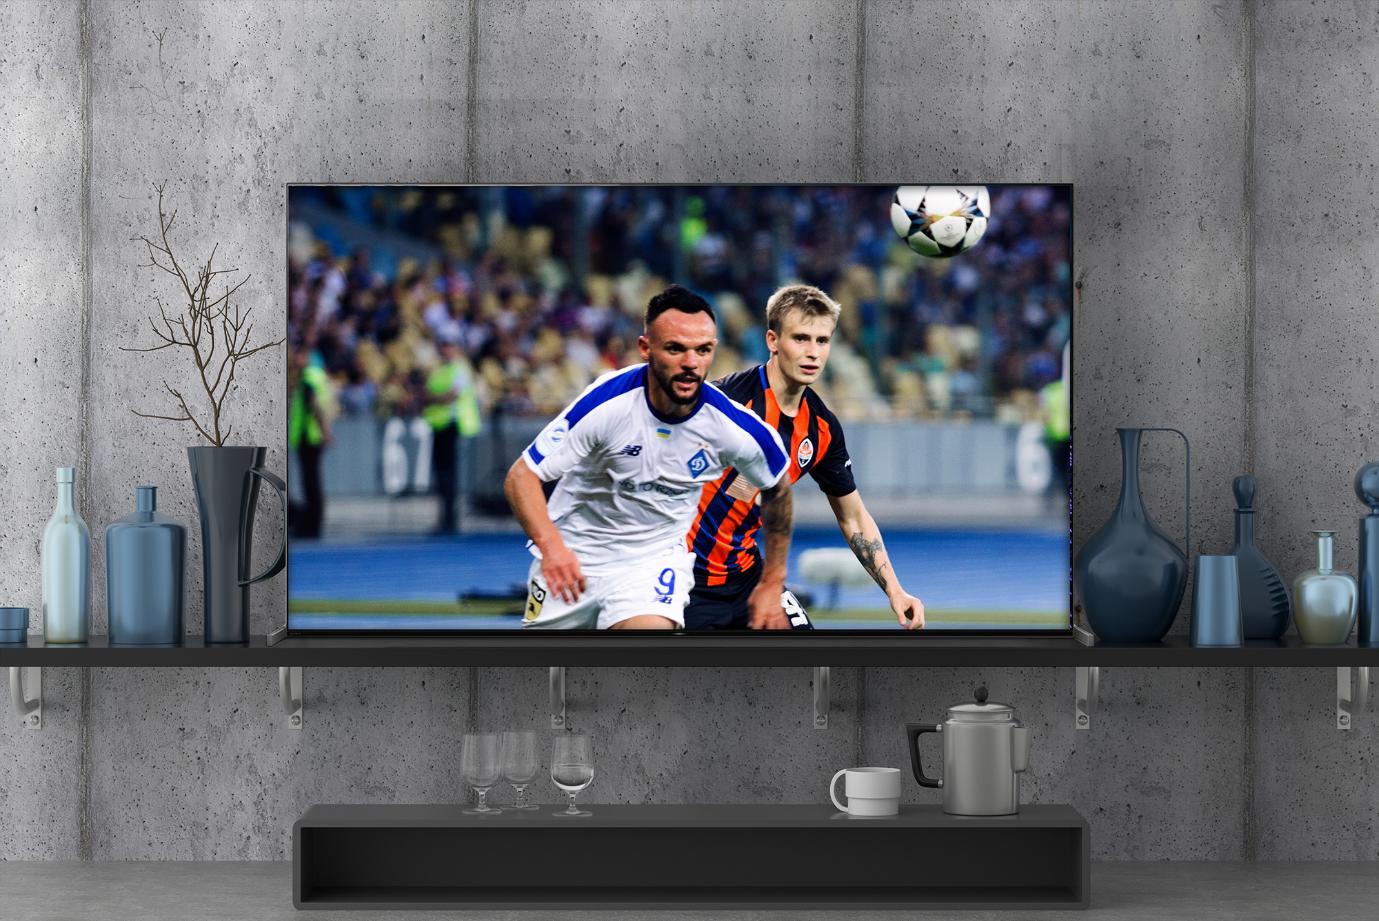 Công nghệ XR Clarity trên TV OLED A90J giúp hình ảnh có độ phân giải cao sắc nét.